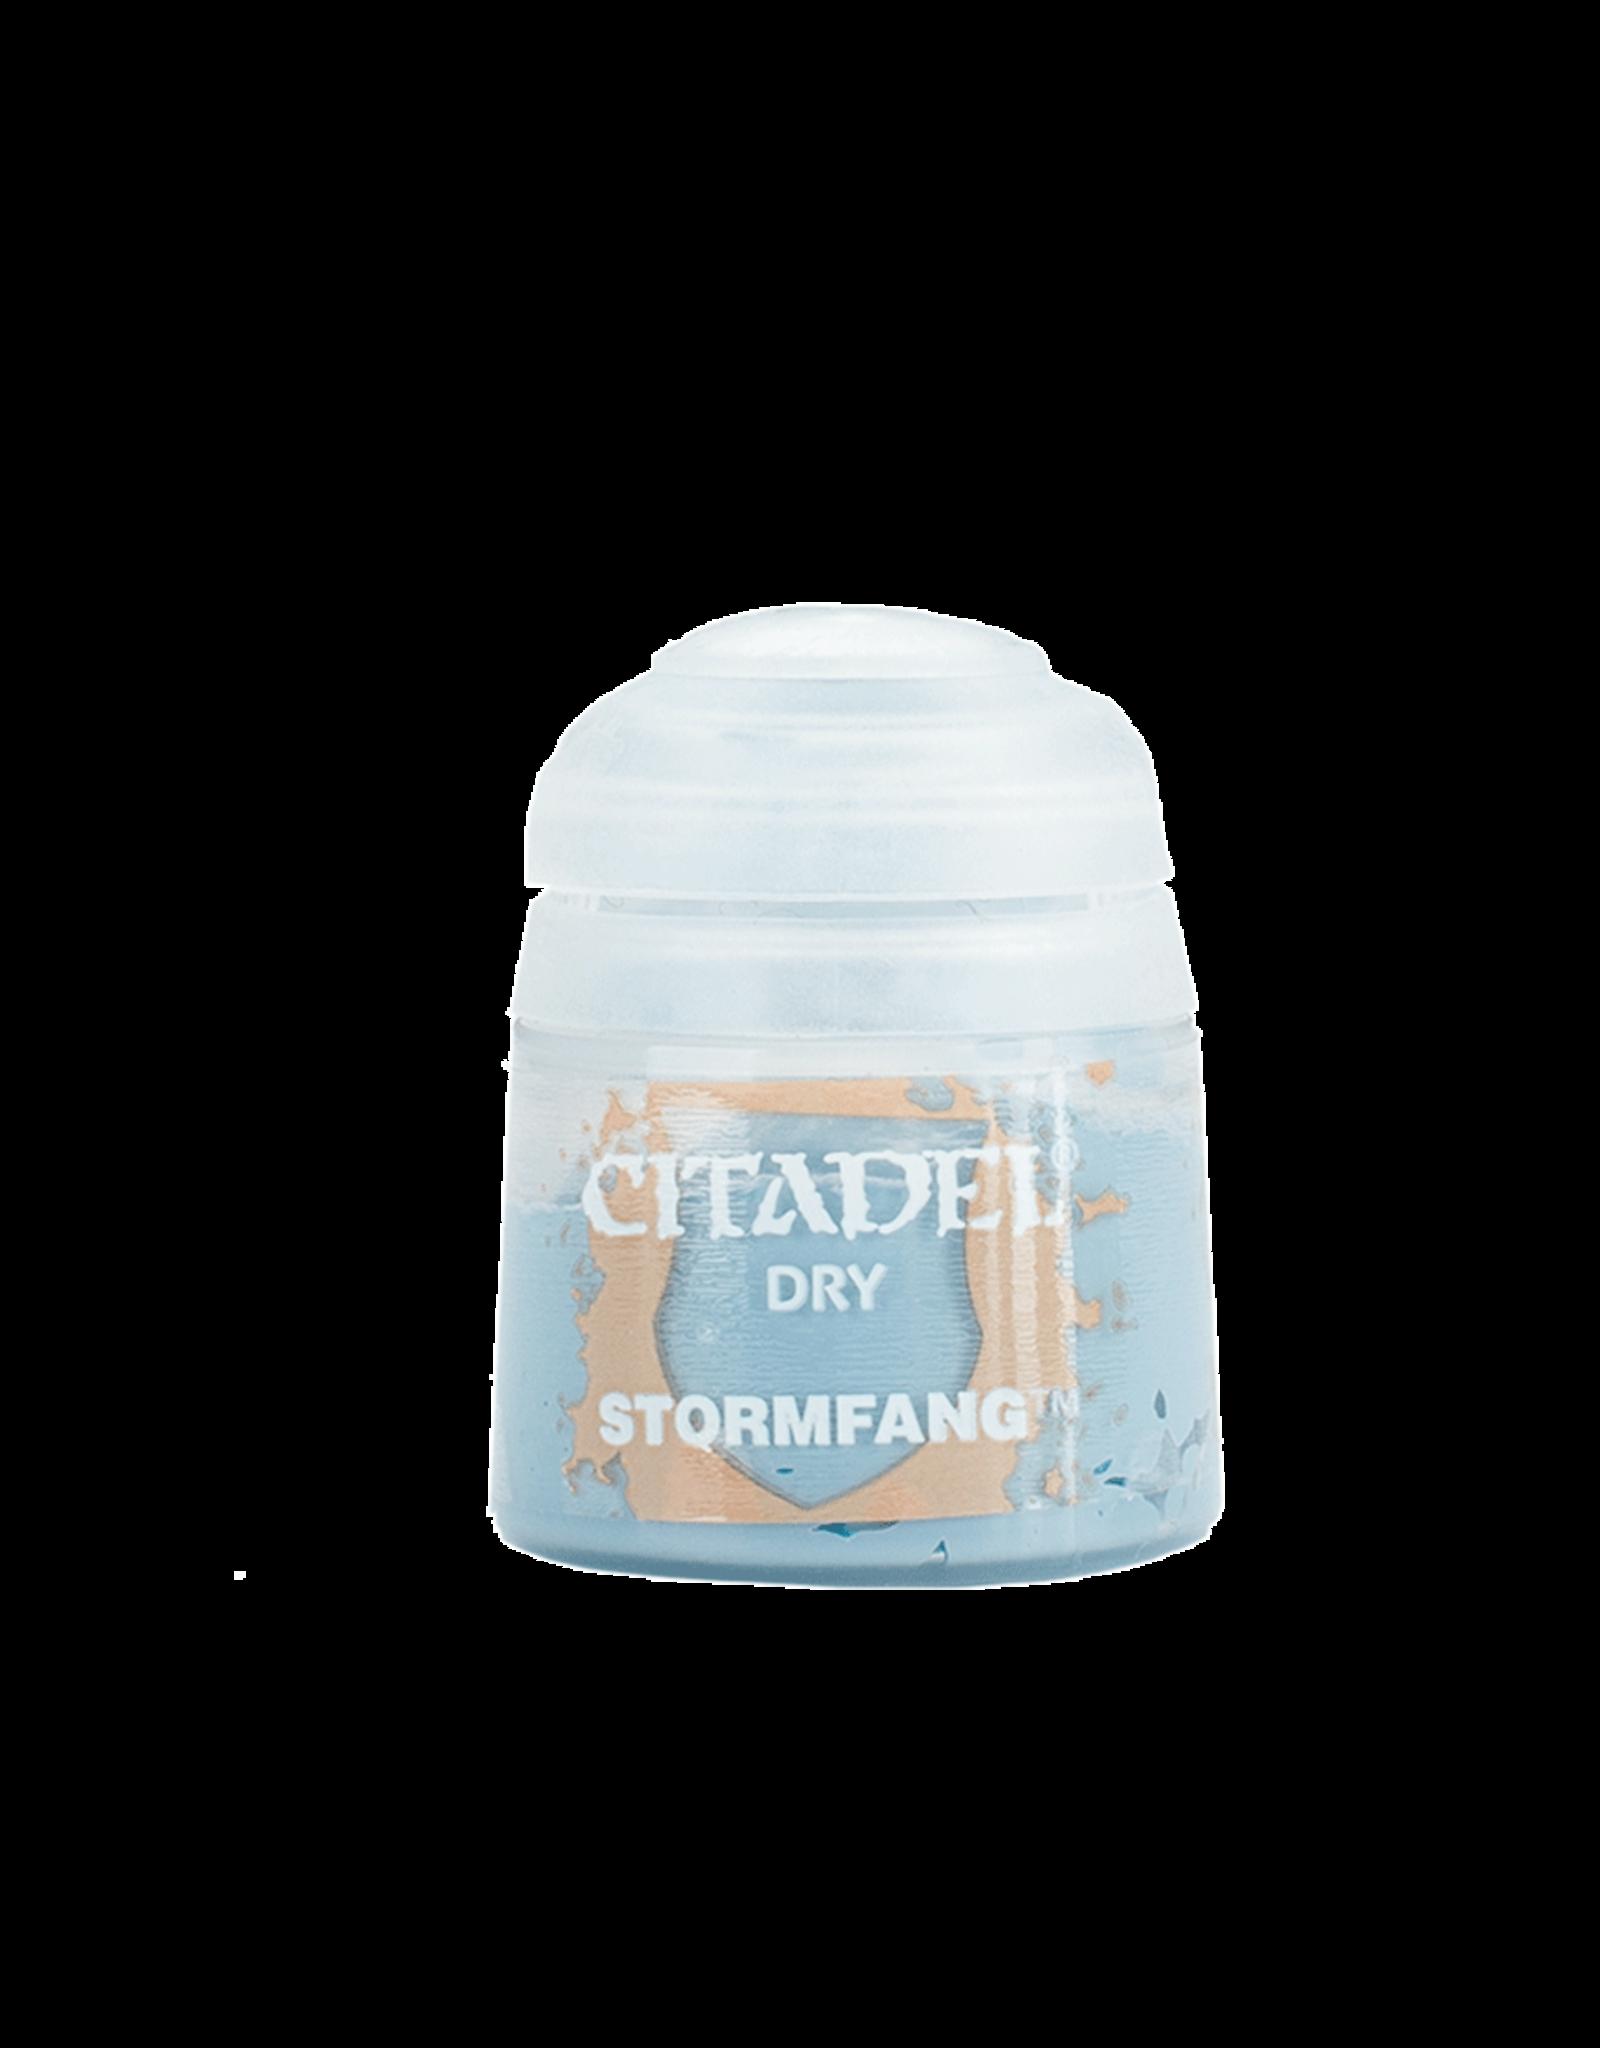 Citadel Citadel Paints: Dry - Stormfang